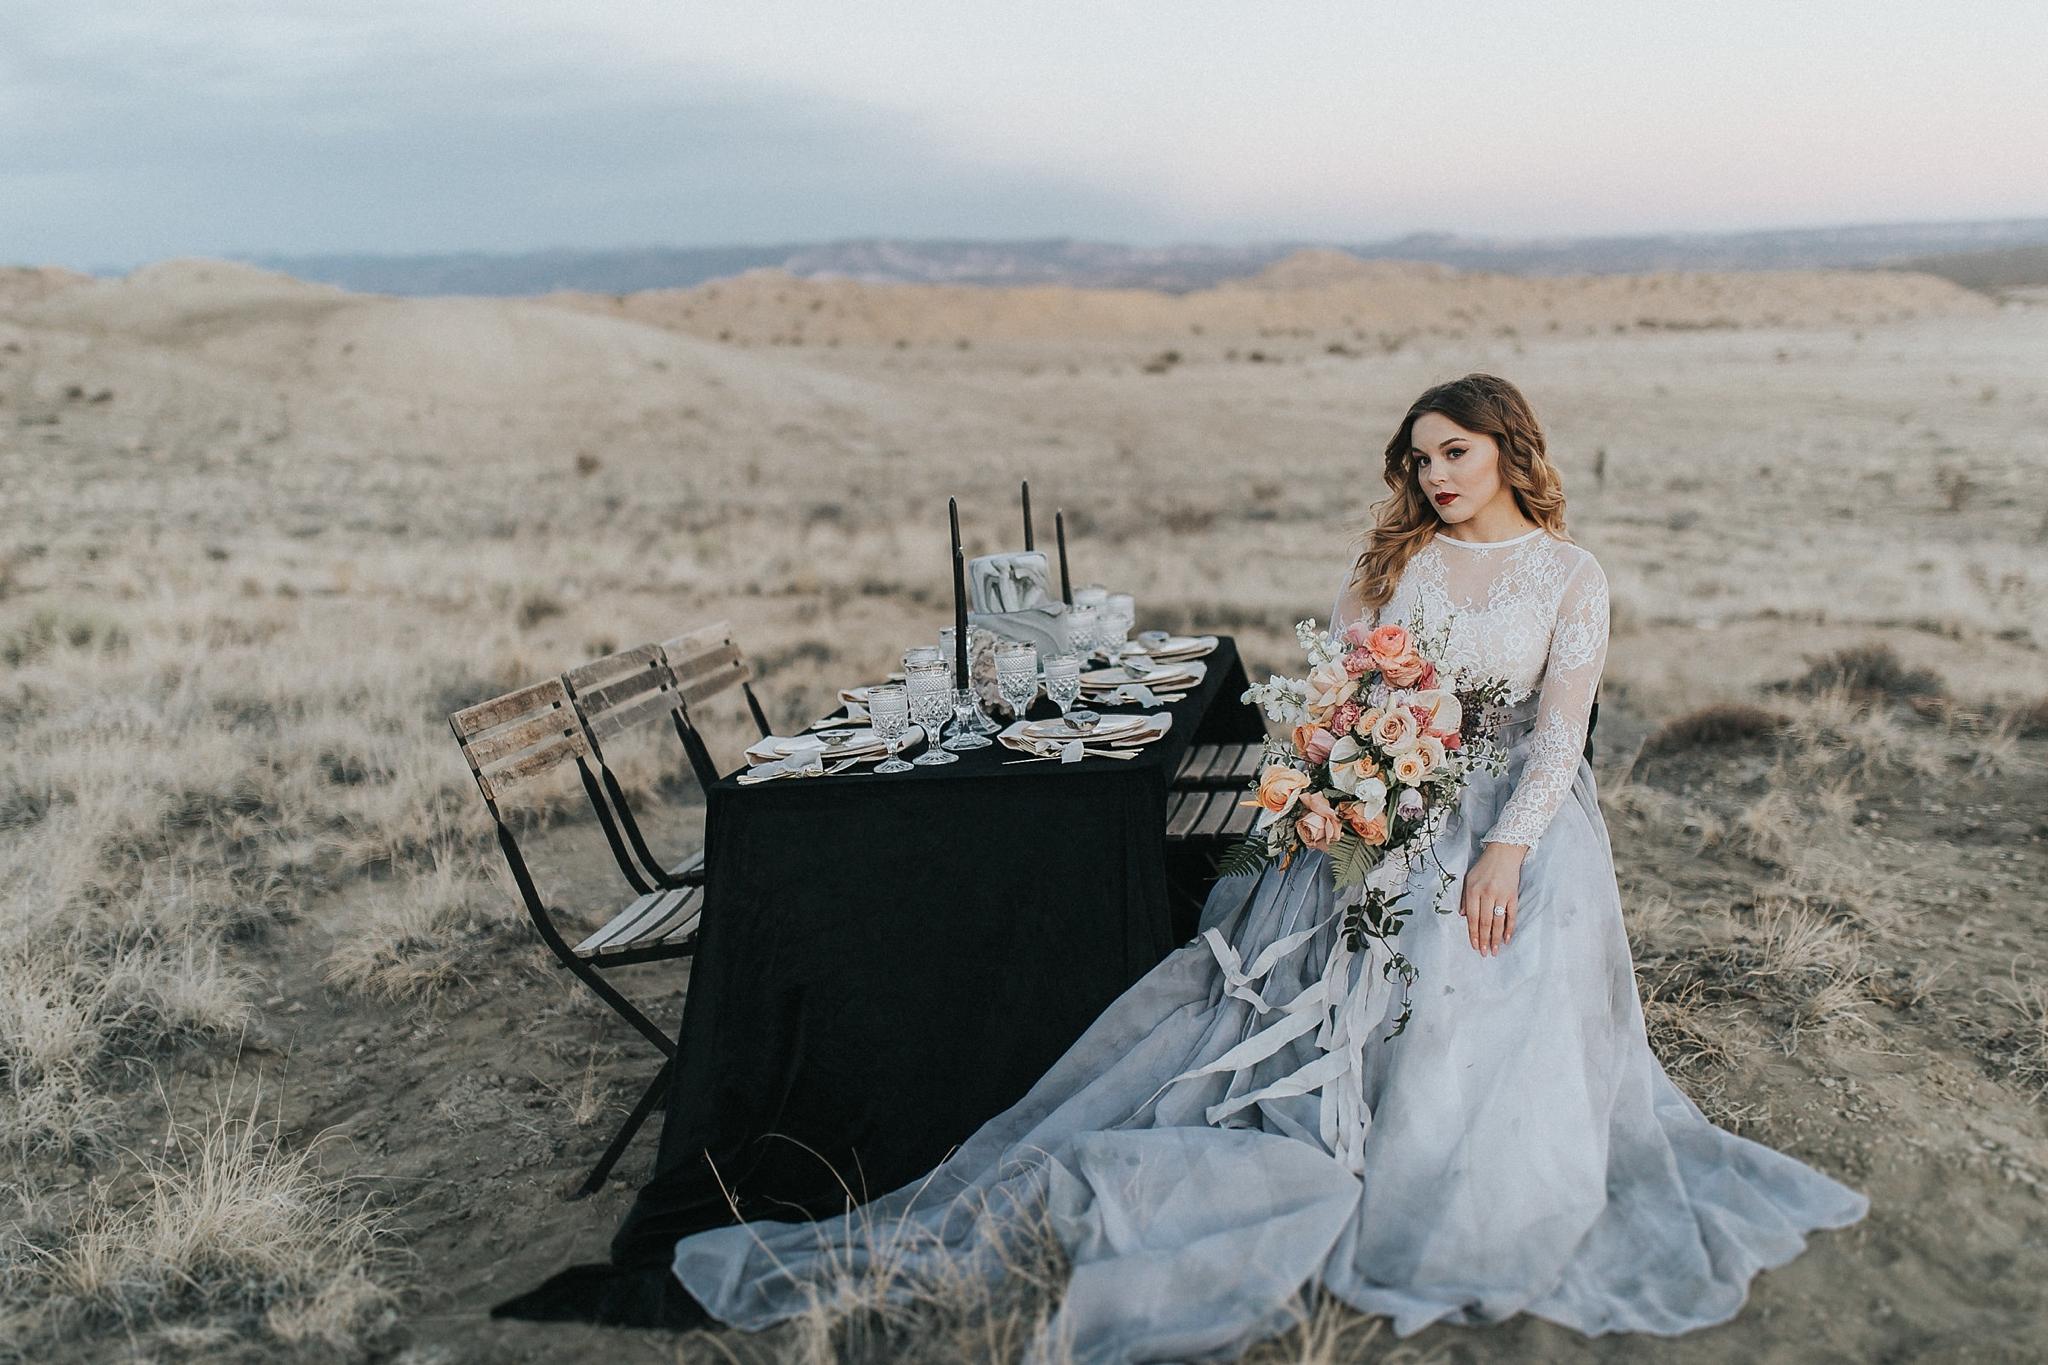 Alicia+lucia+photography+-+albuquerque+wedding+photographer+-+santa+fe+wedding+photography+-+new+mexico+wedding+photographer+-+new+mexico+wedding+-+wedding+-+winter+wedding+-+wedding+reception+-+winter+wedding+reception_0093.jpg